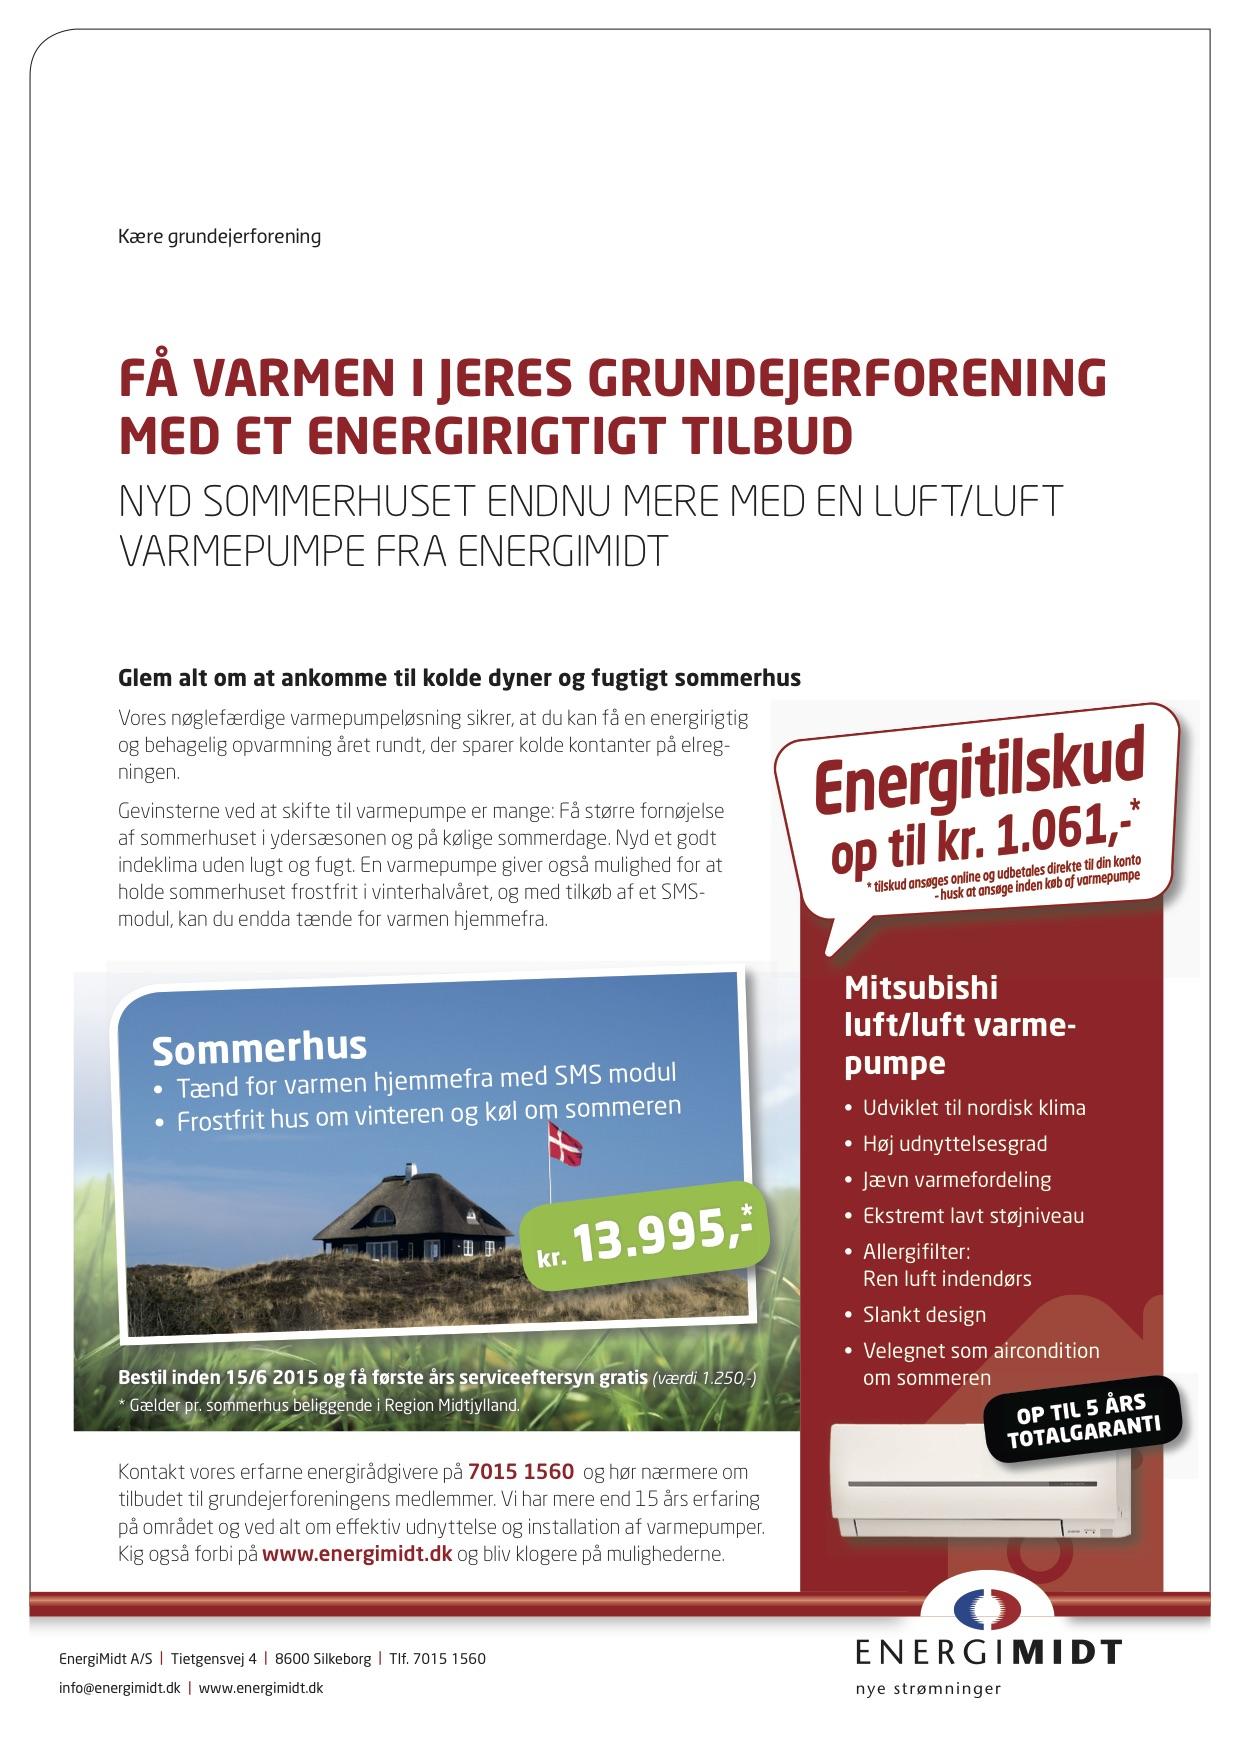 EnergiMidt_Varmepumper